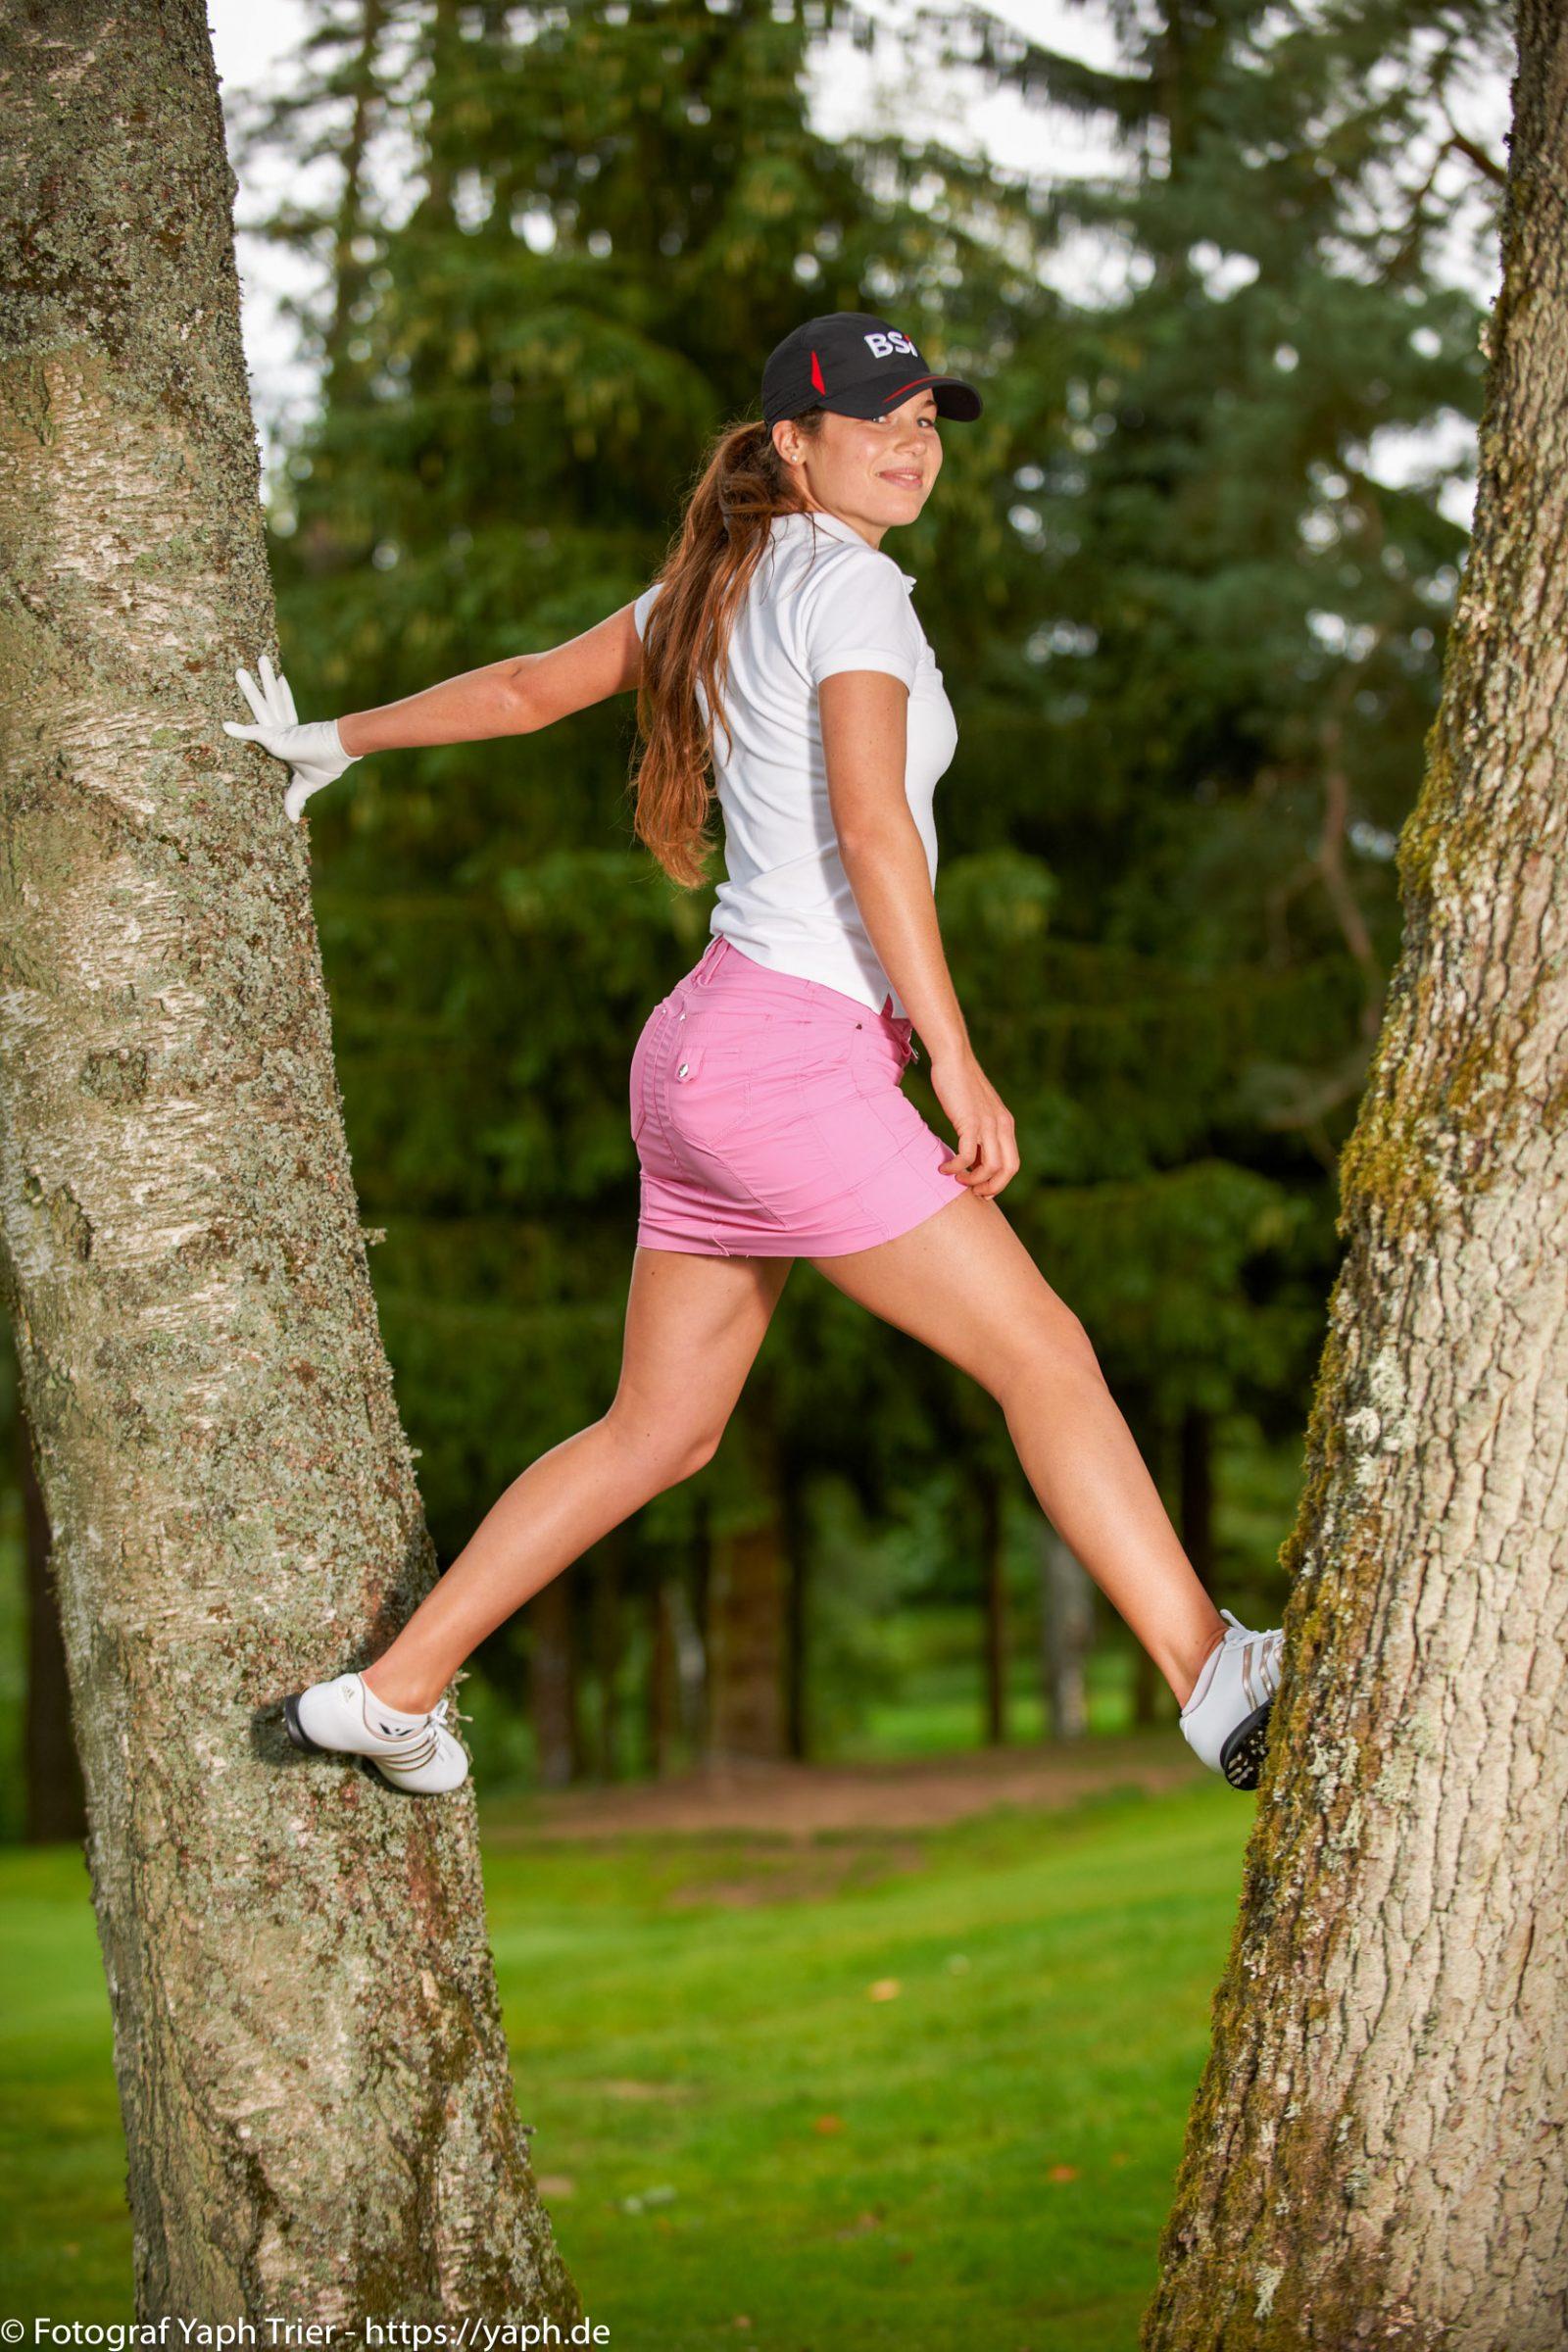 Liebelei Elena Lawrence - luxemburger Golfspielerin bei Fotograf Yaph - 22